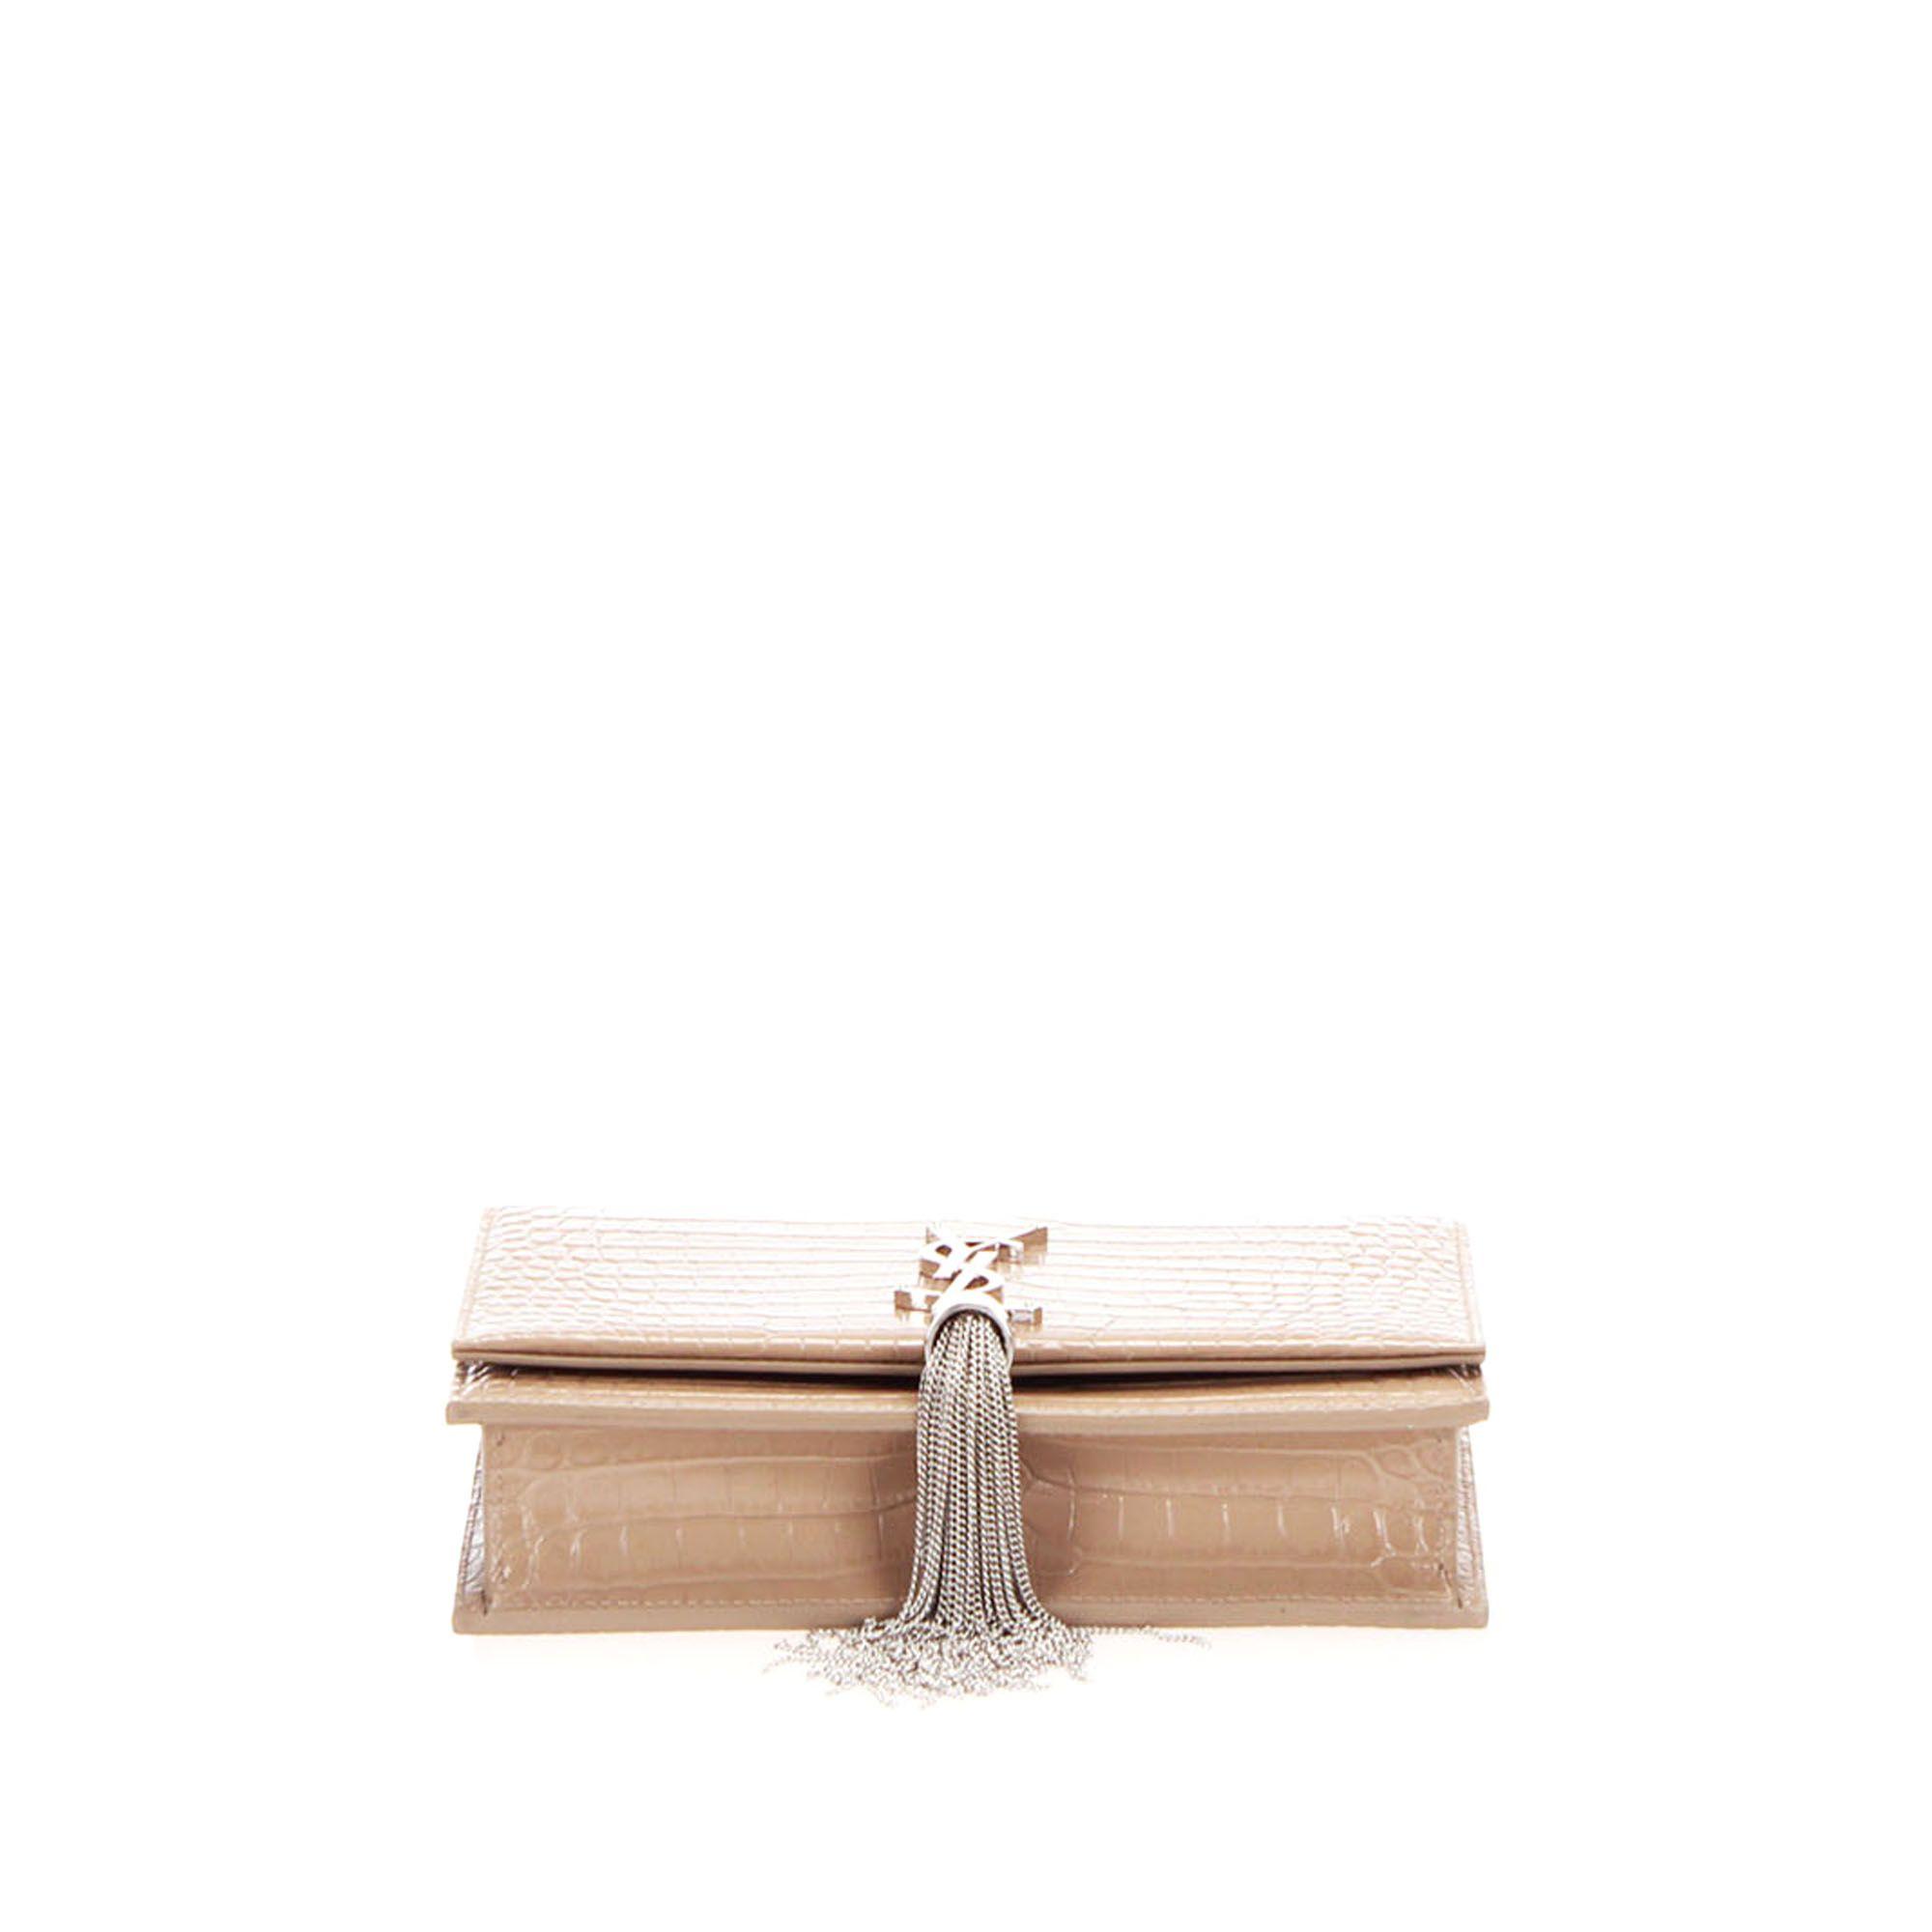 Vintage YSL Embossed Kate Leather Crossbody Bag Brown